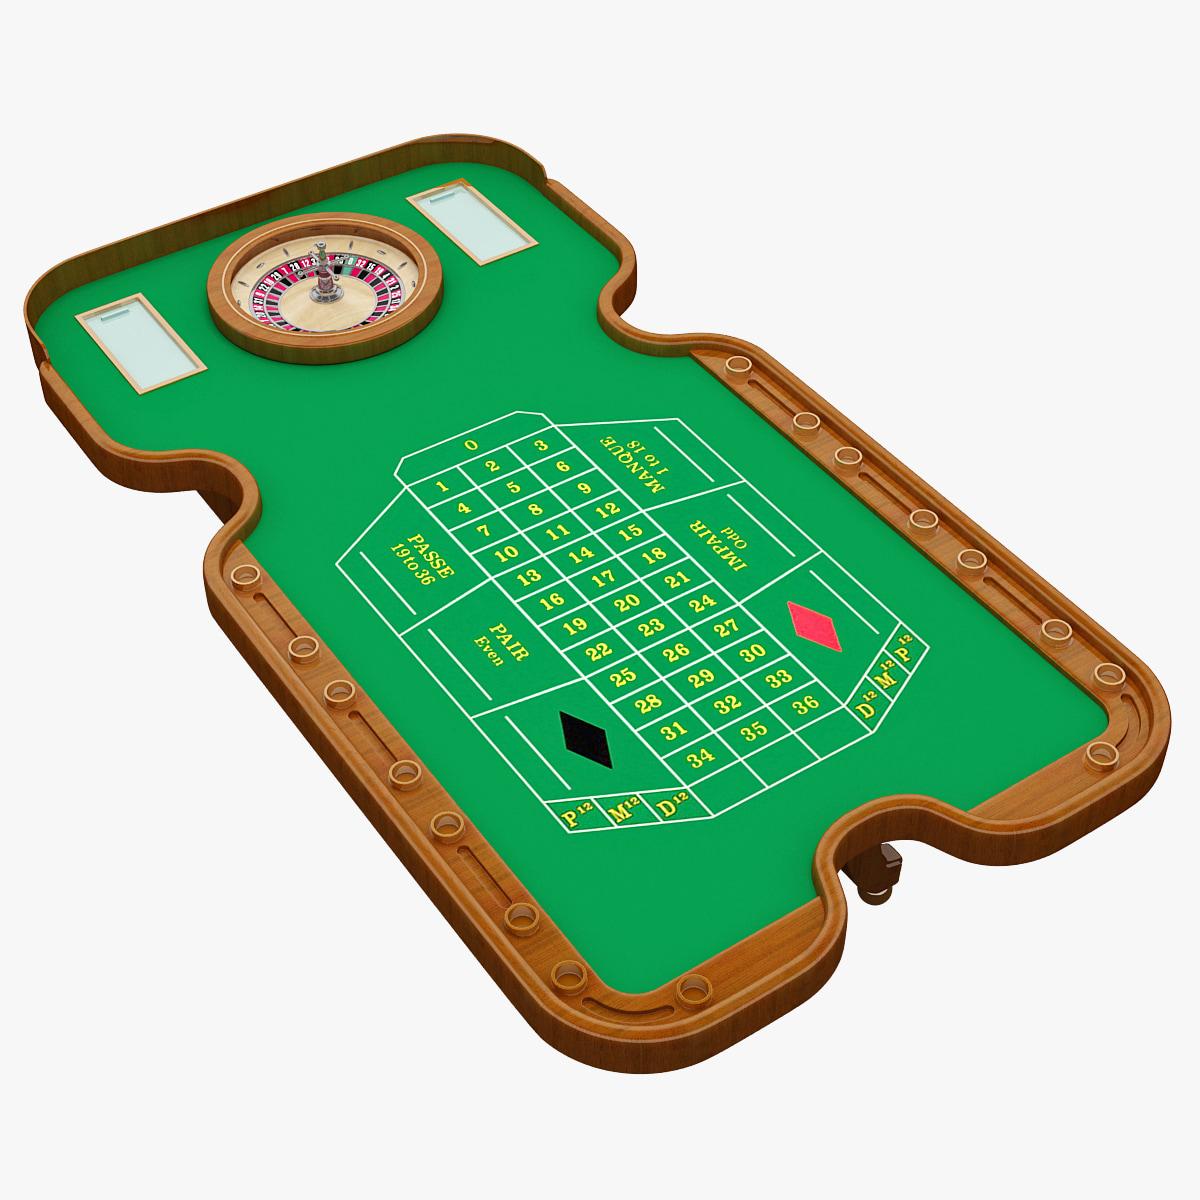 Roulette_Table_V2_0001_2.jpg